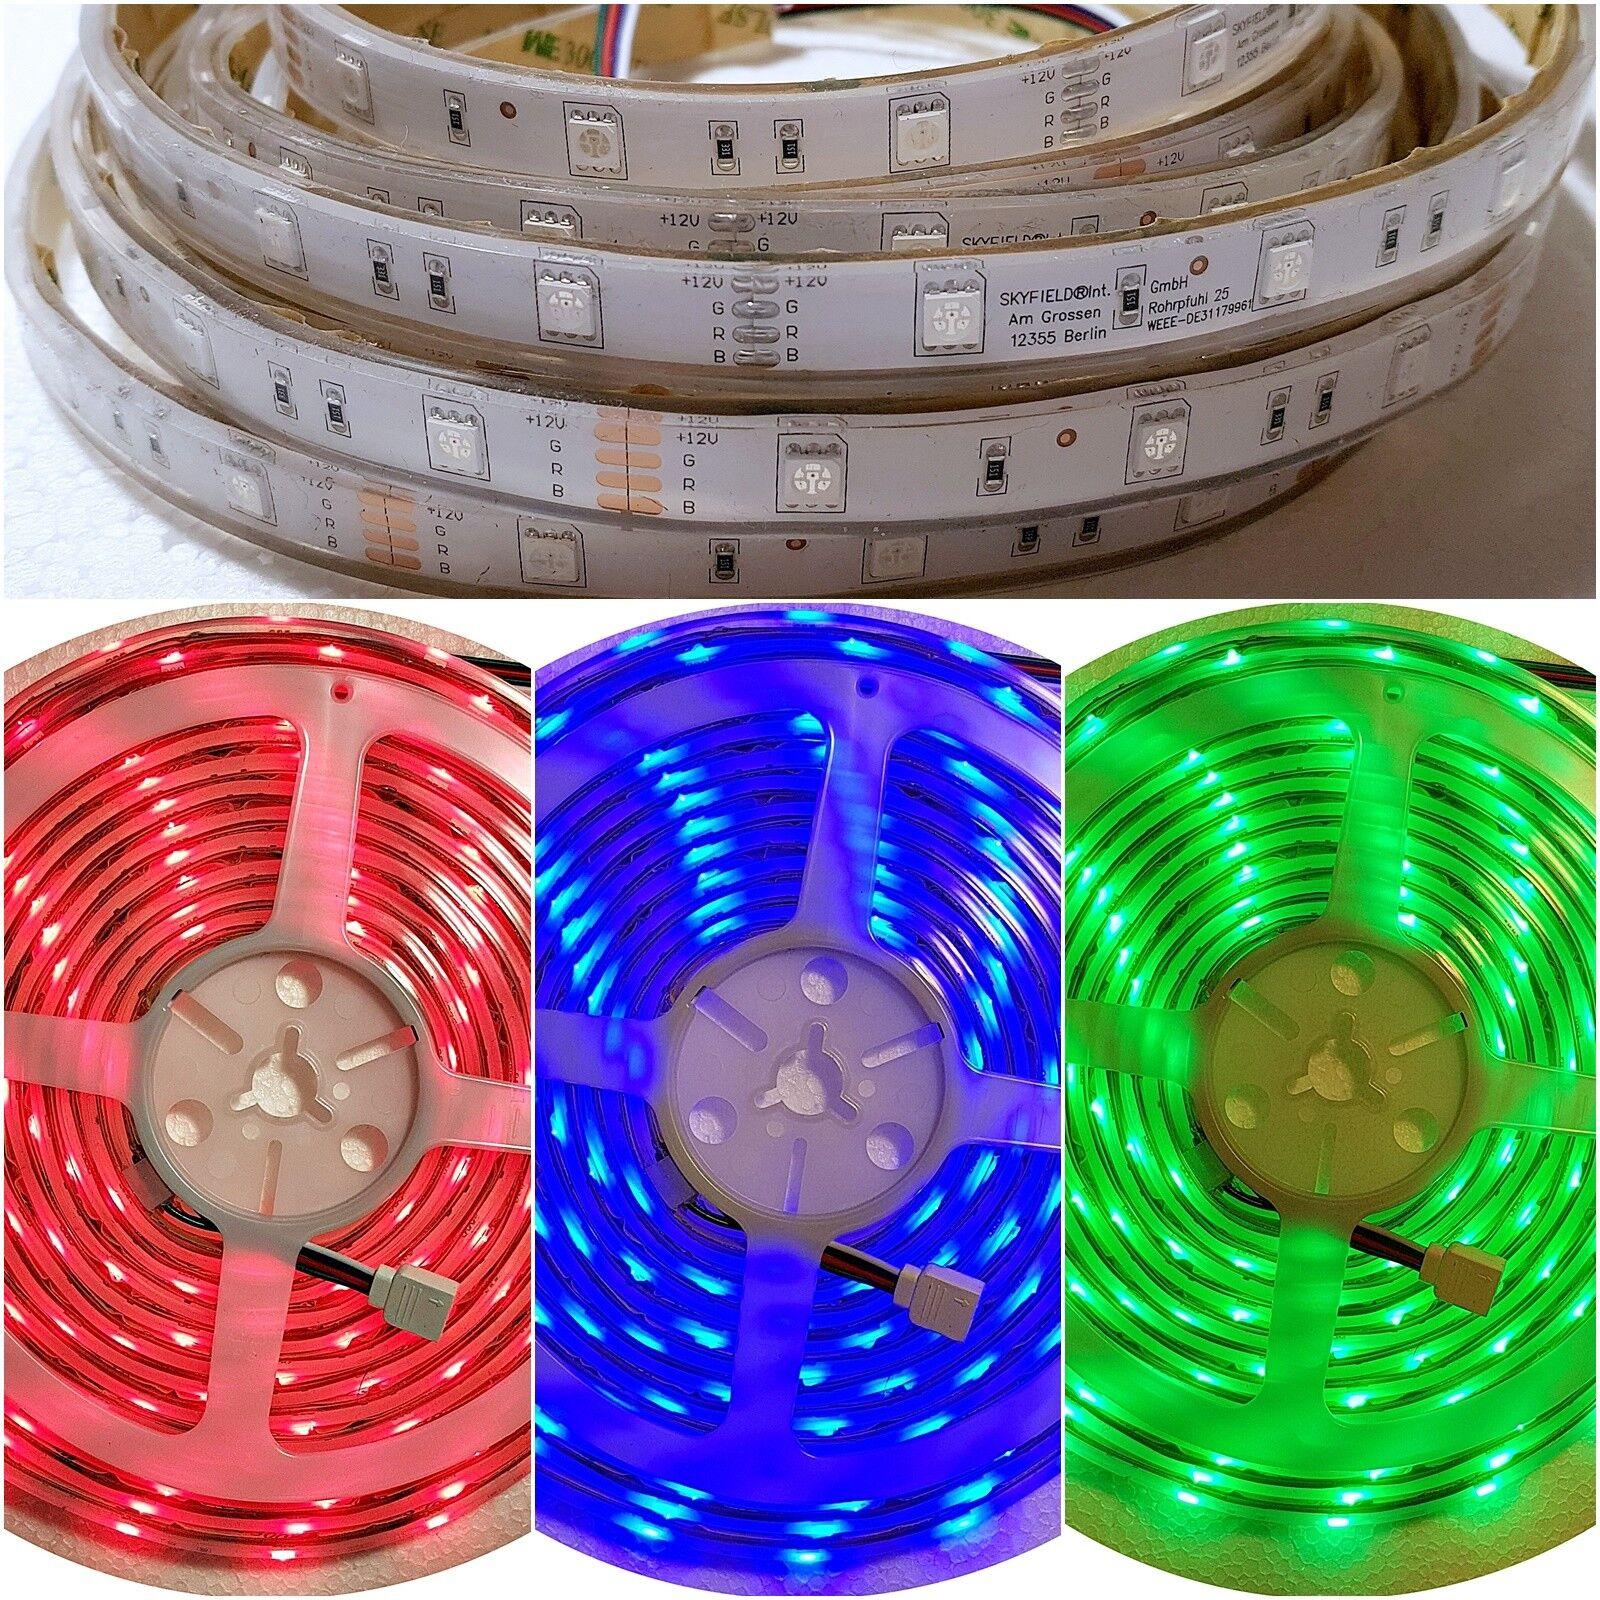 il più recente Skyfieild ip68 ip68 ip68 5m-30m SET COMPLETO RGB LED Strips STRIP Barra Sotto Acqua Stagno  vendita di fama mondiale online